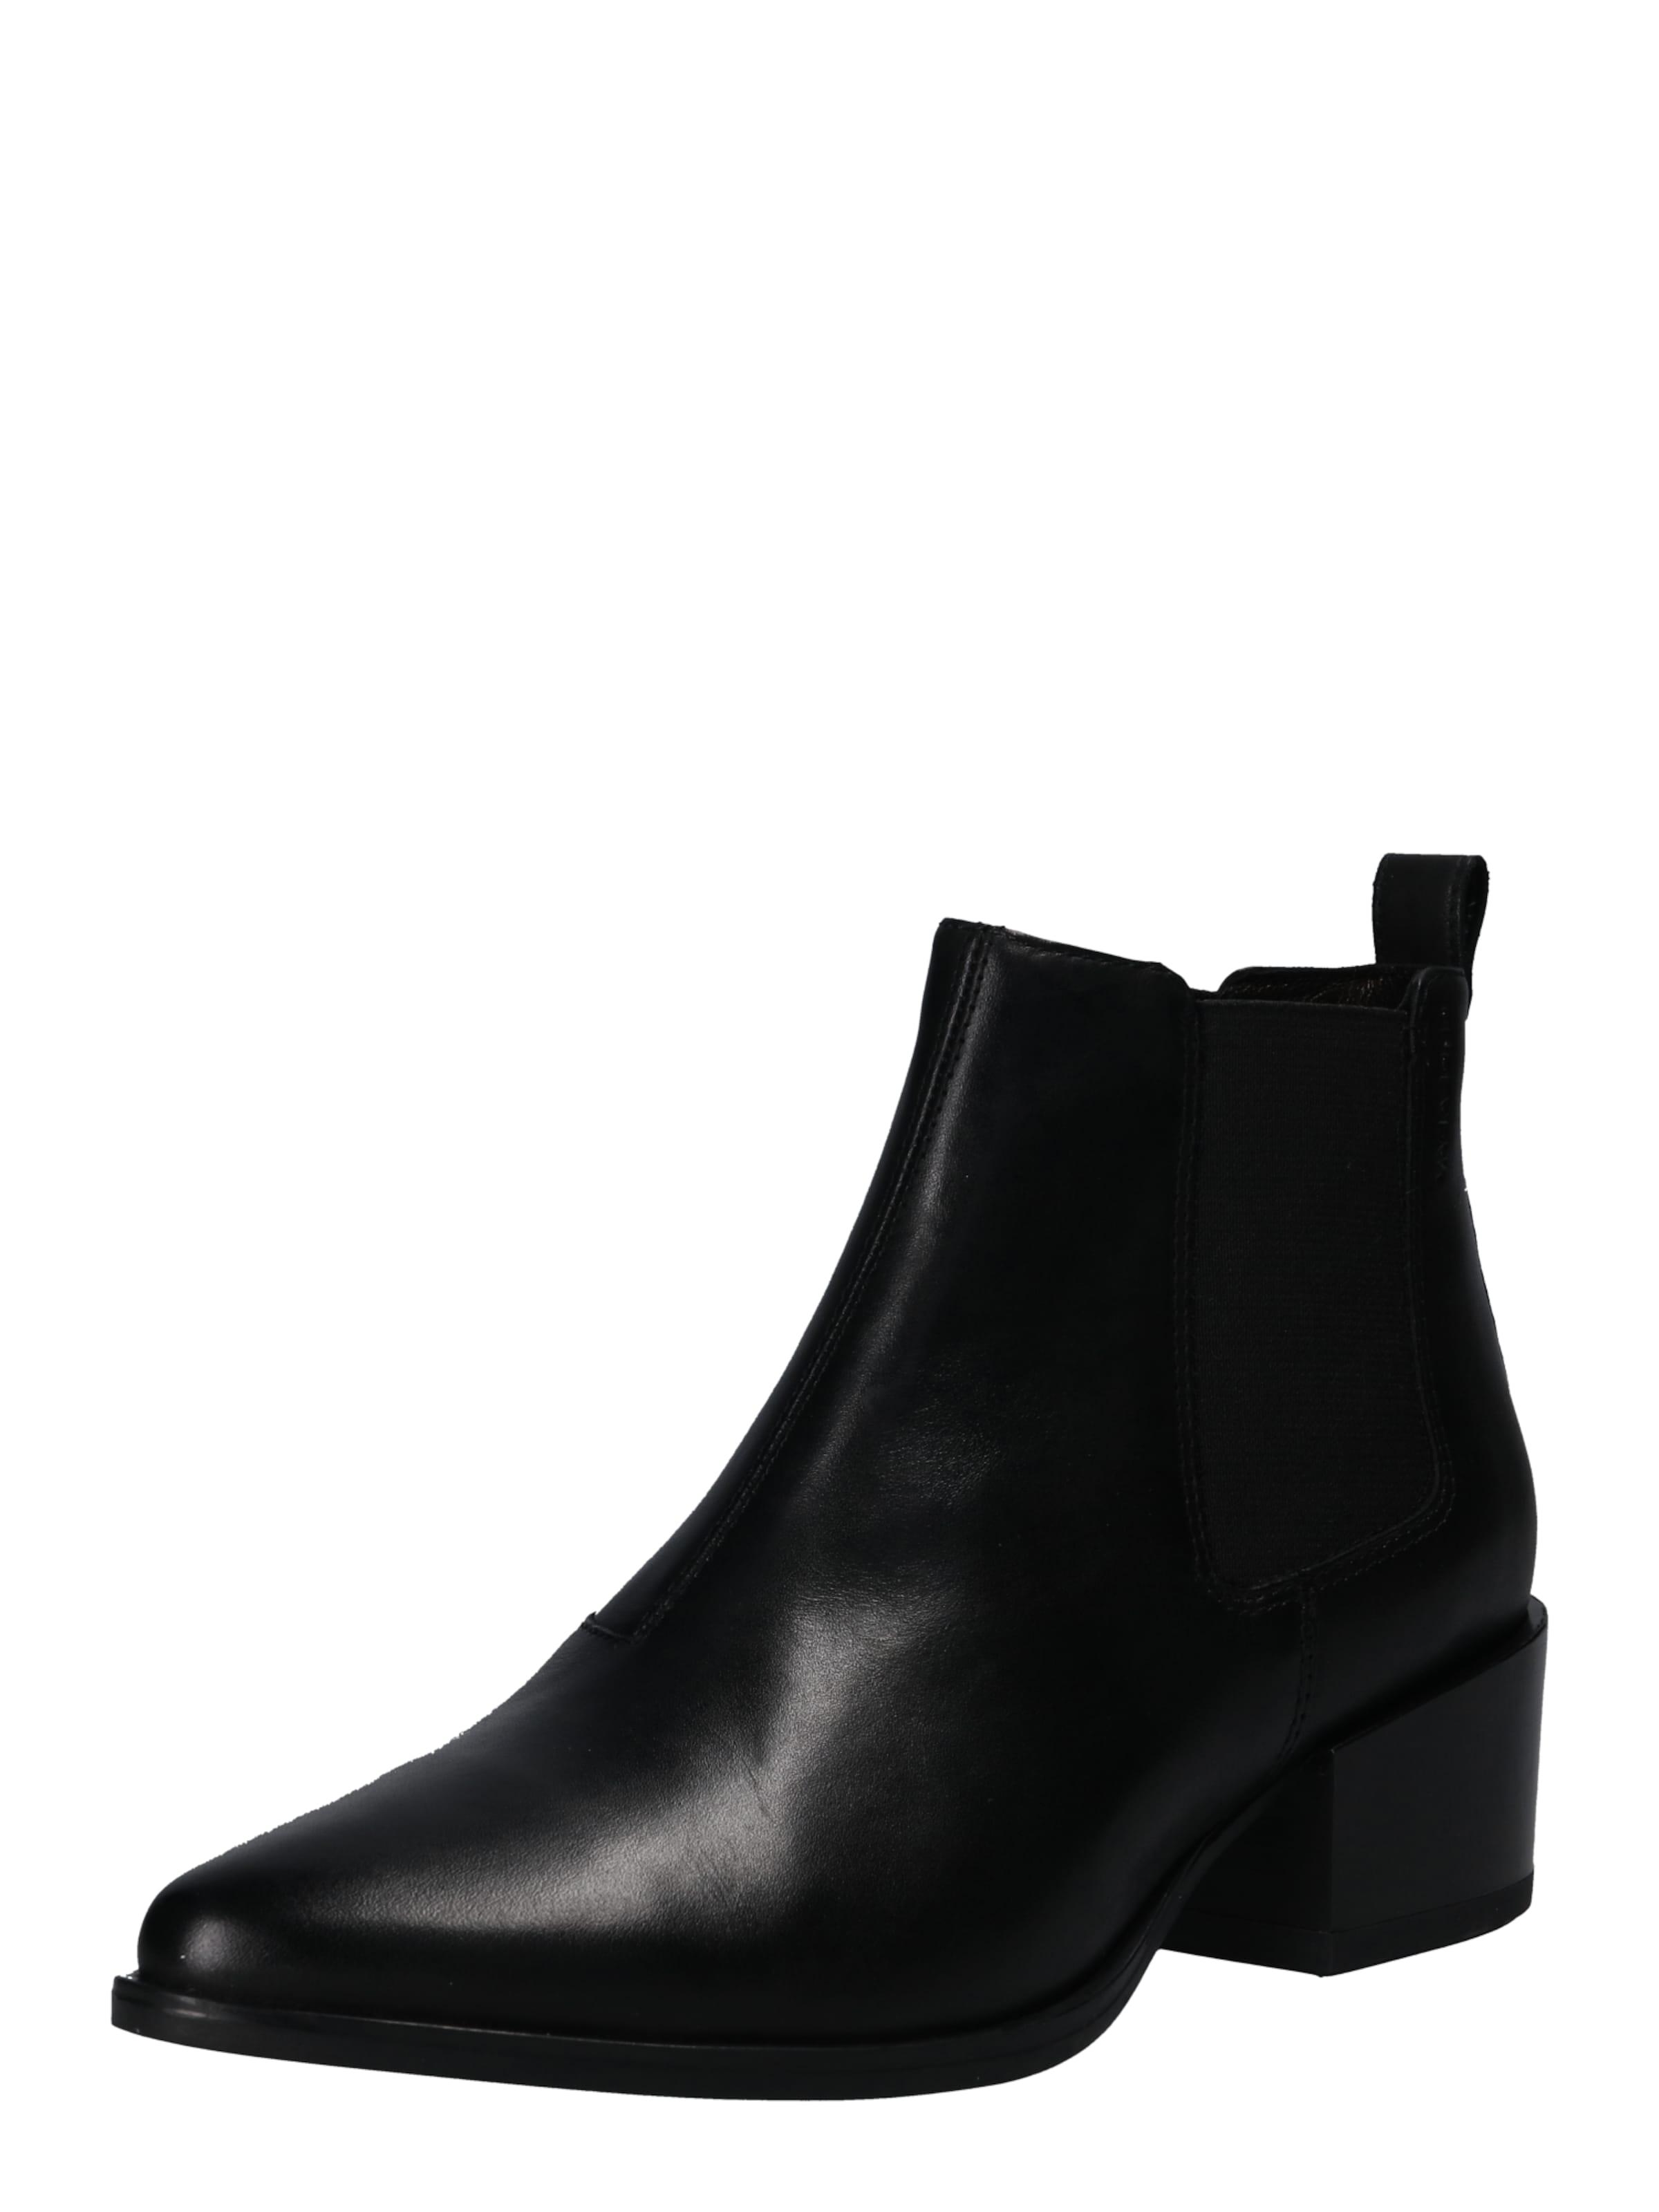 Shoemakers Vagabond Noir En Bottines 'marja' OZlwXTikuP